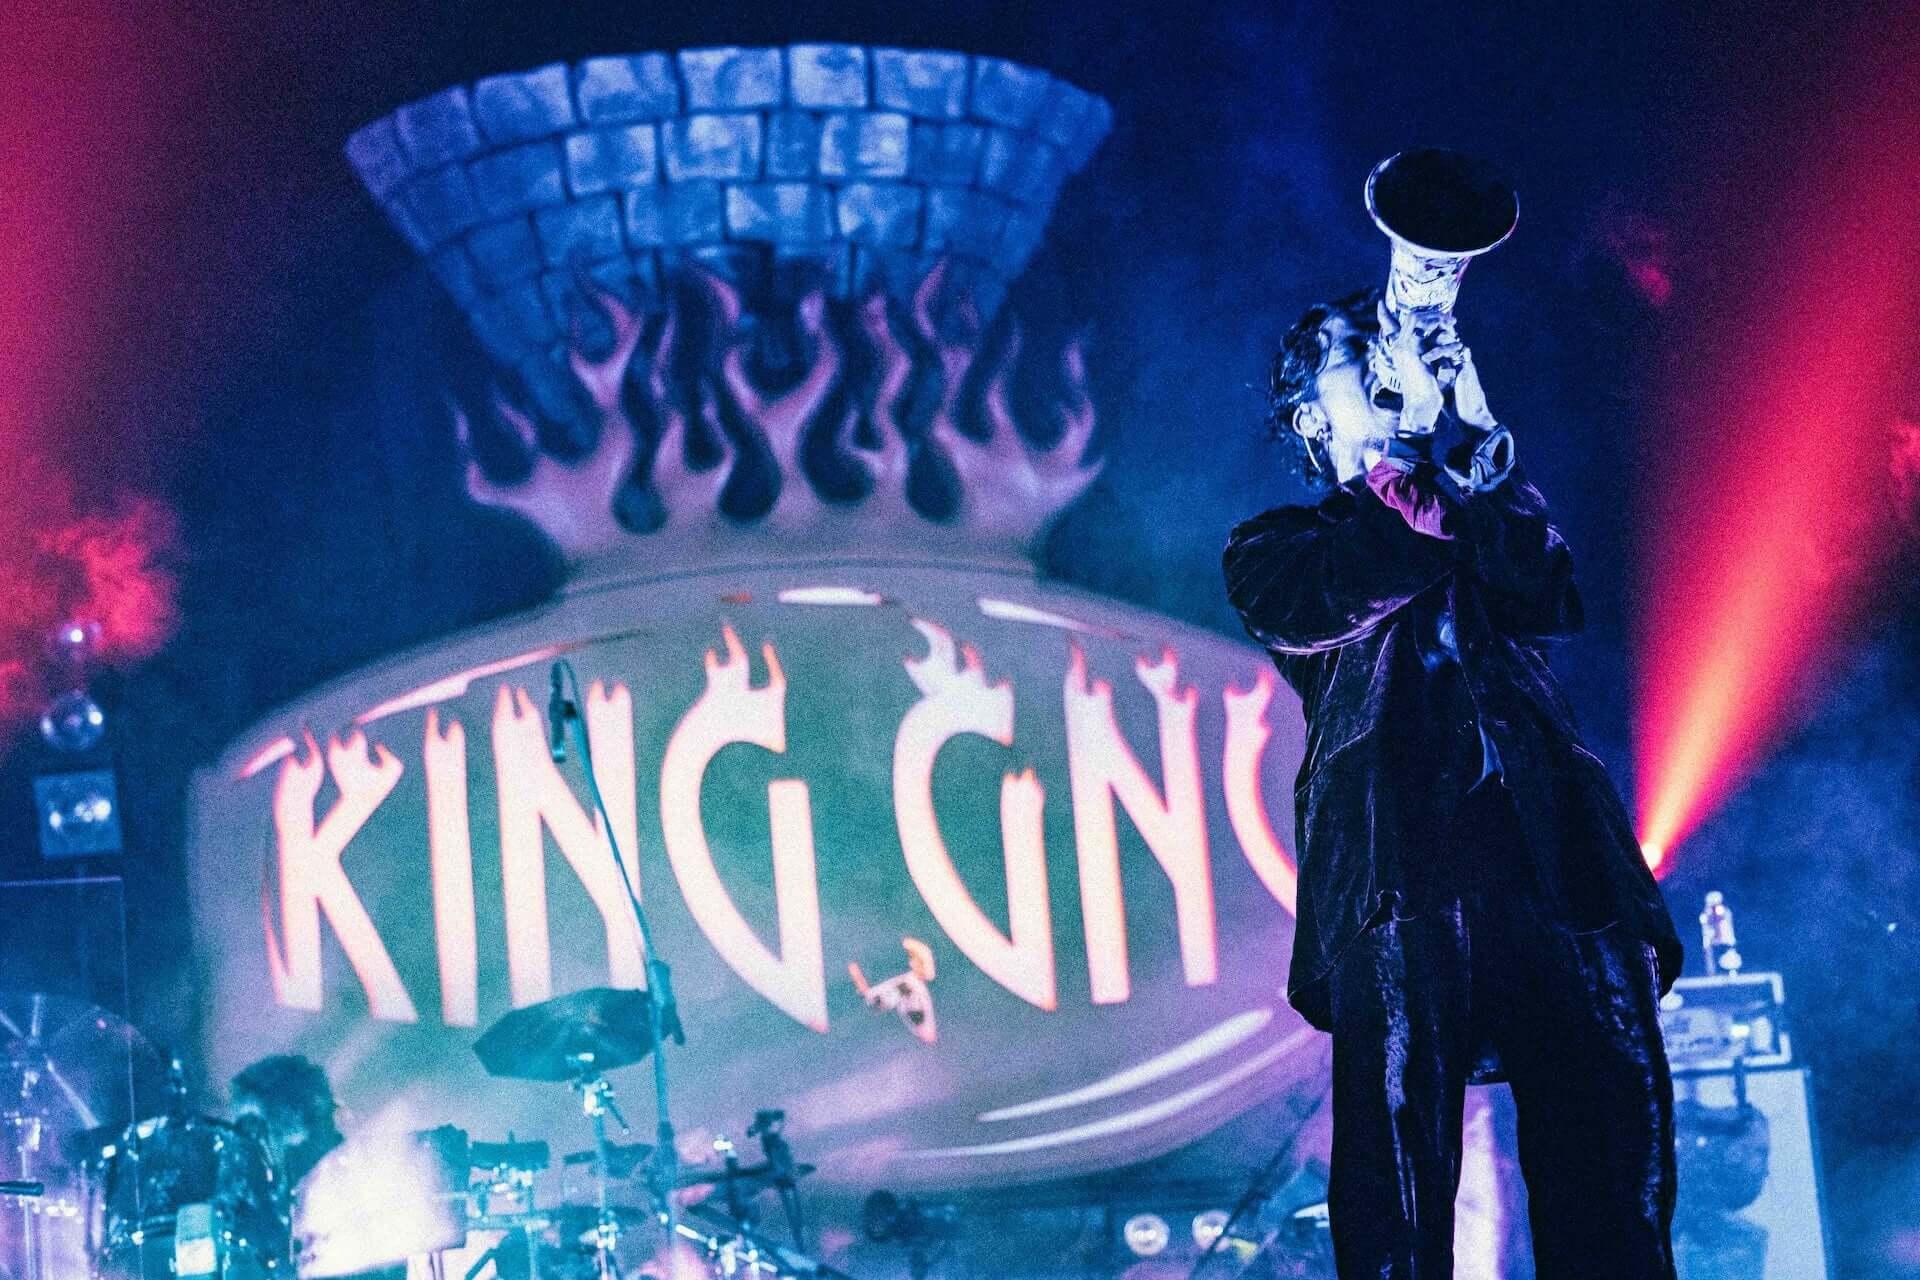 """King Gnu初のアリーナツアー、幕張メッセでは新曲""""千両役者""""も披露!ファイナル公演のライブレポートが到着 music201207_kinggnu_8-1920x1280"""